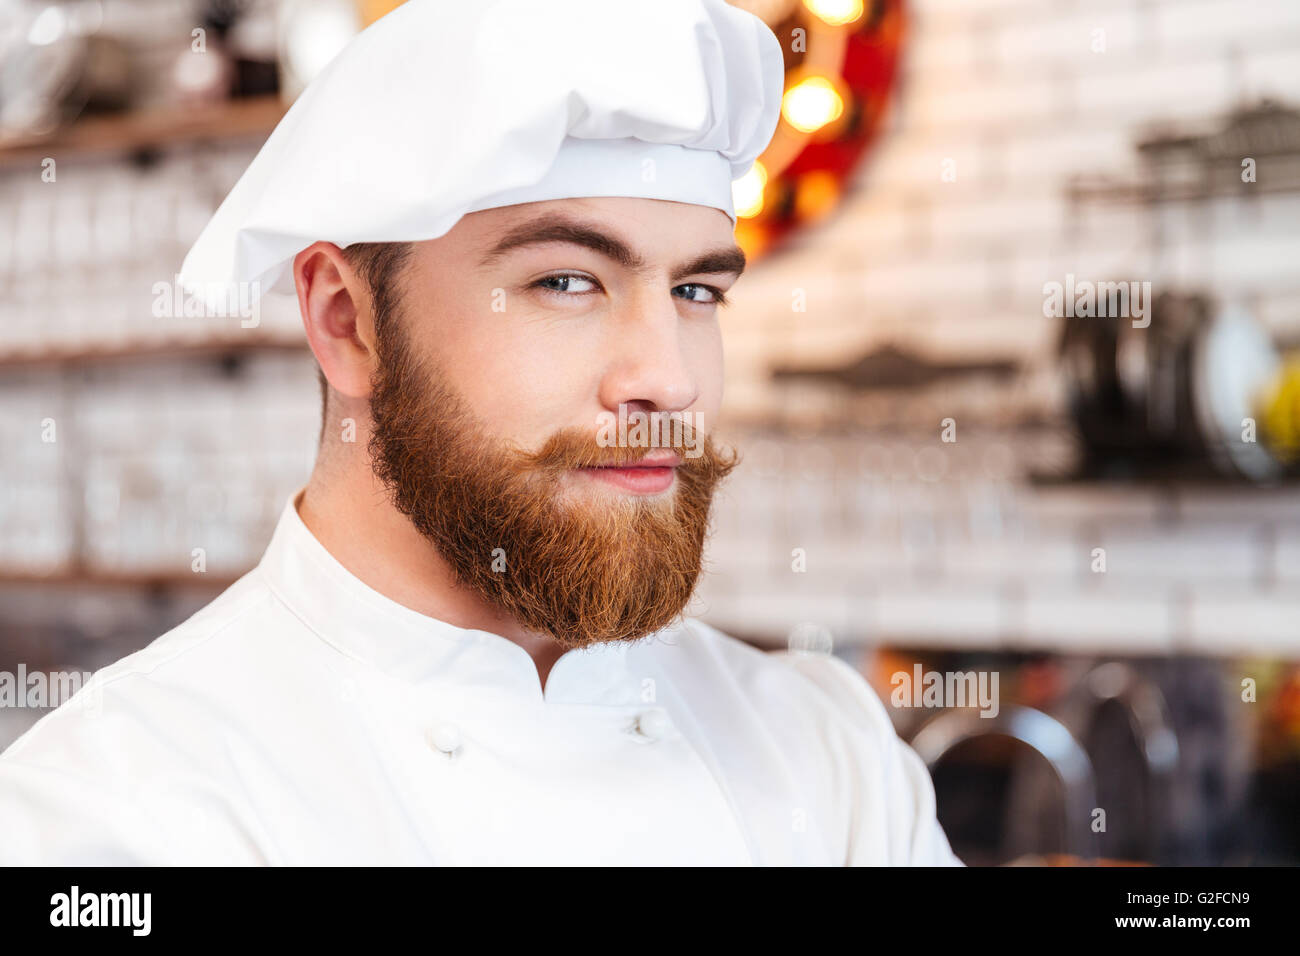 Libre de handsome smiling chef cuisinier barbu dans white hat et uniforme sur la cuisine Photo Stock